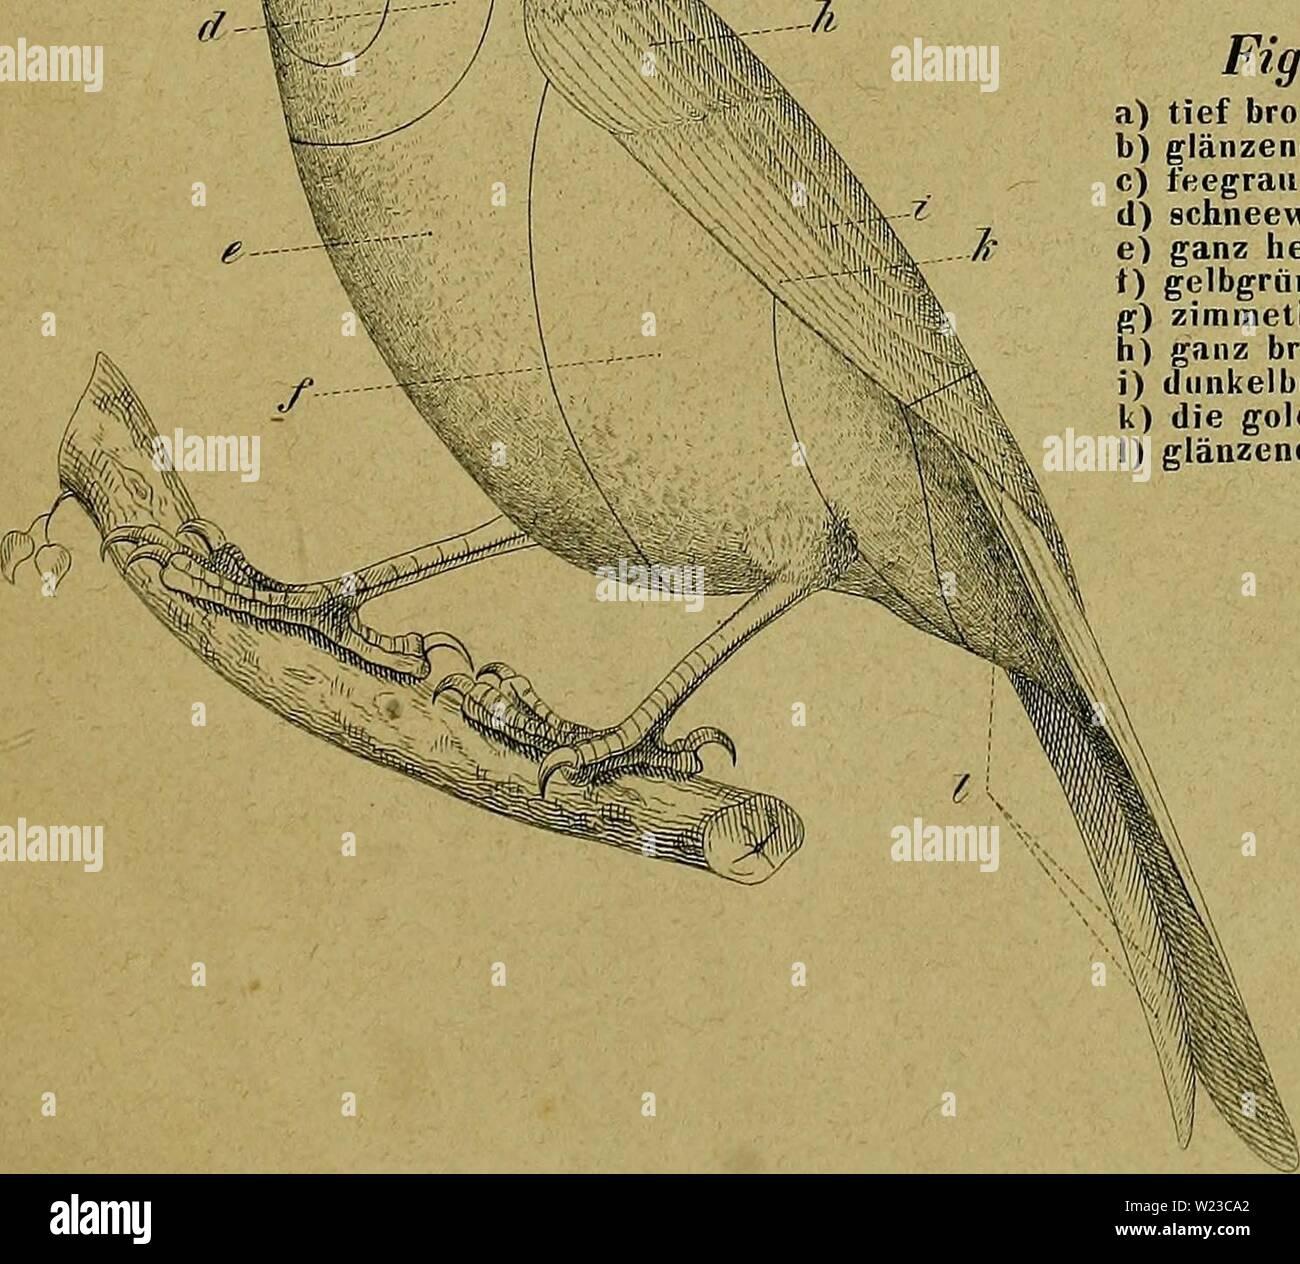 Archiv Bild ab Seite 152 der Kanarienvögel, Sprosser, Nachtigallen, Rothgimpel sterben, Stockbild